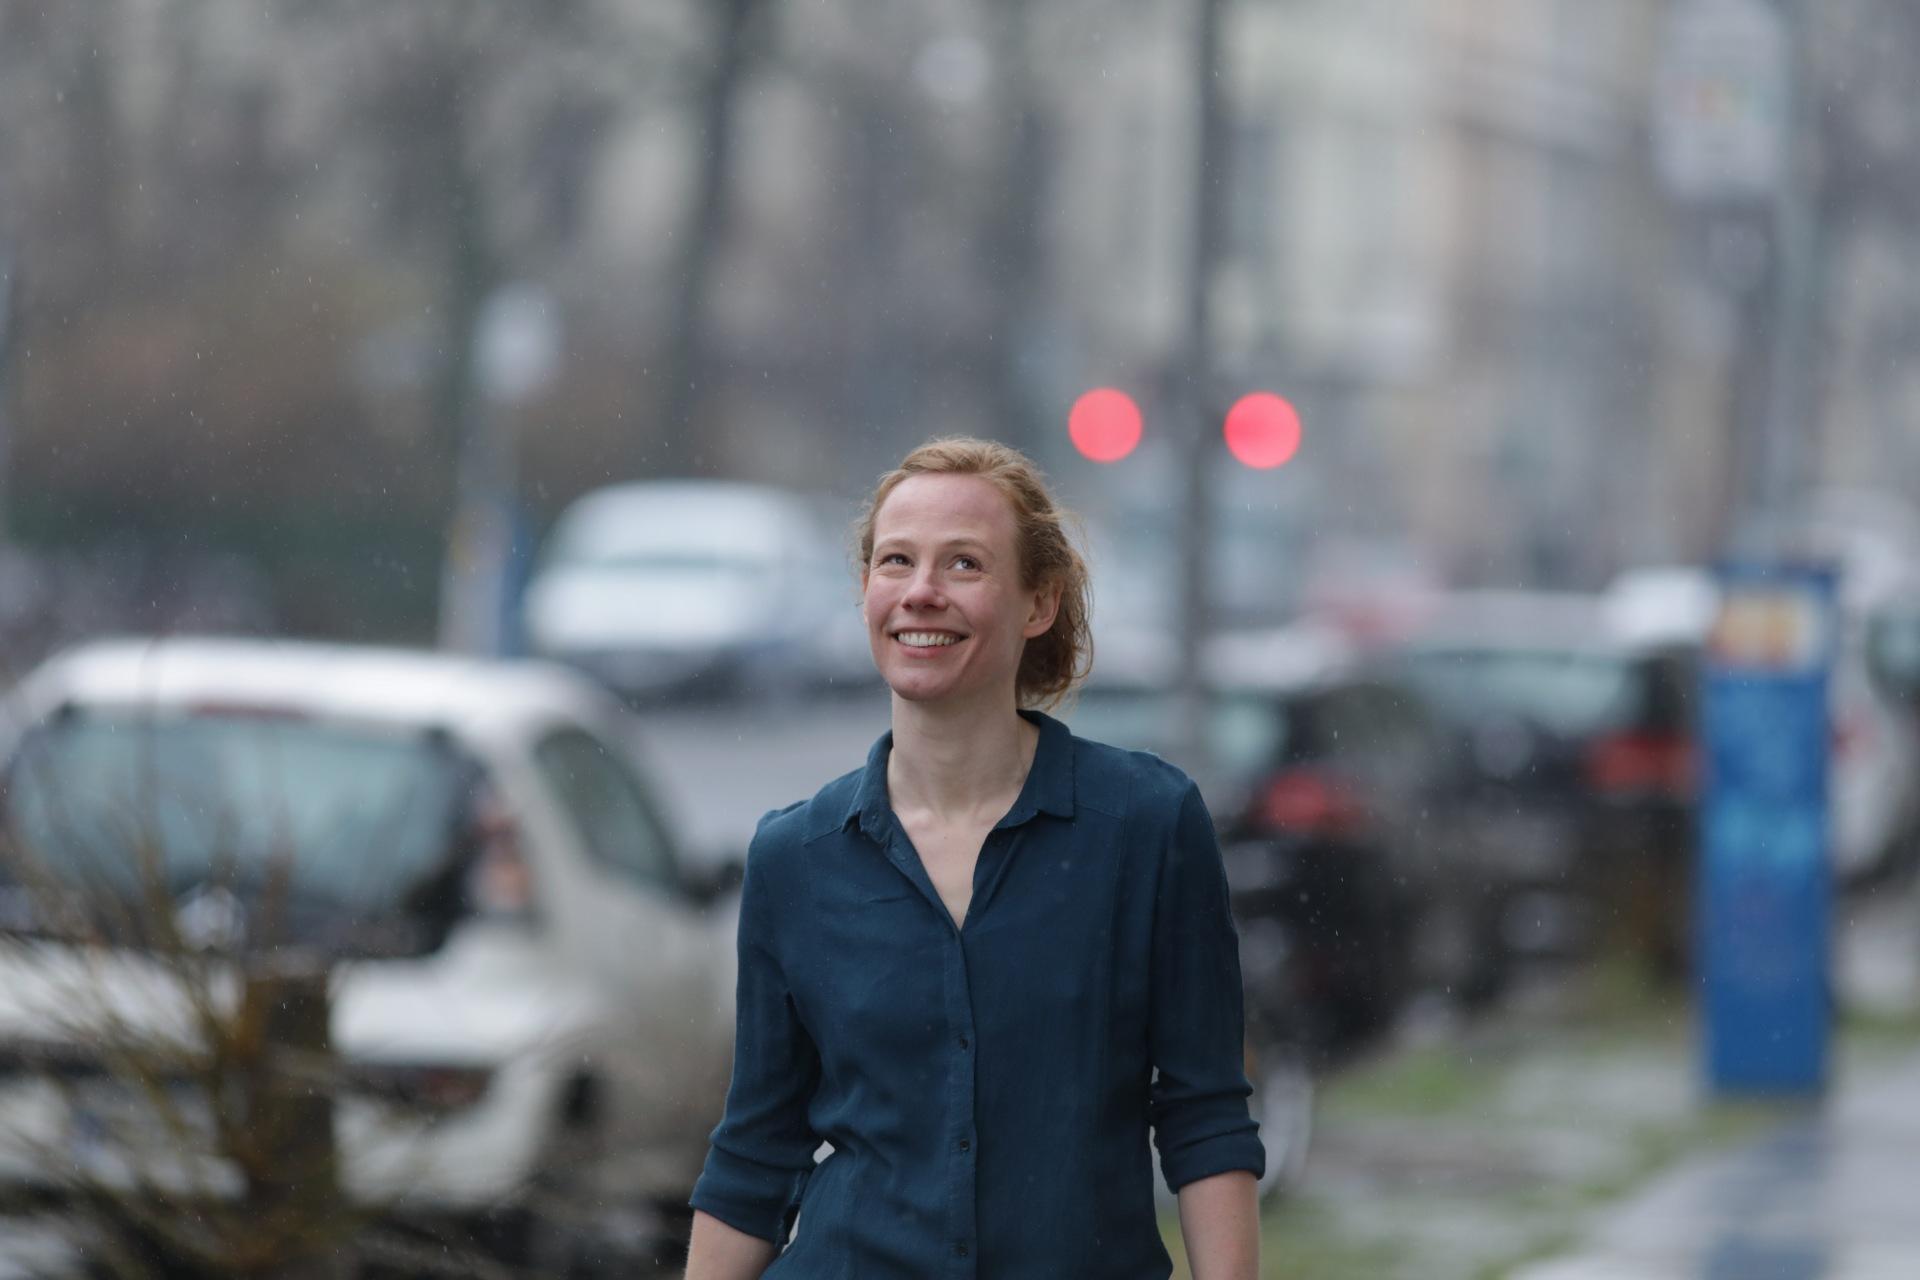 Laura Bleimund (von Deryl Kenfack)